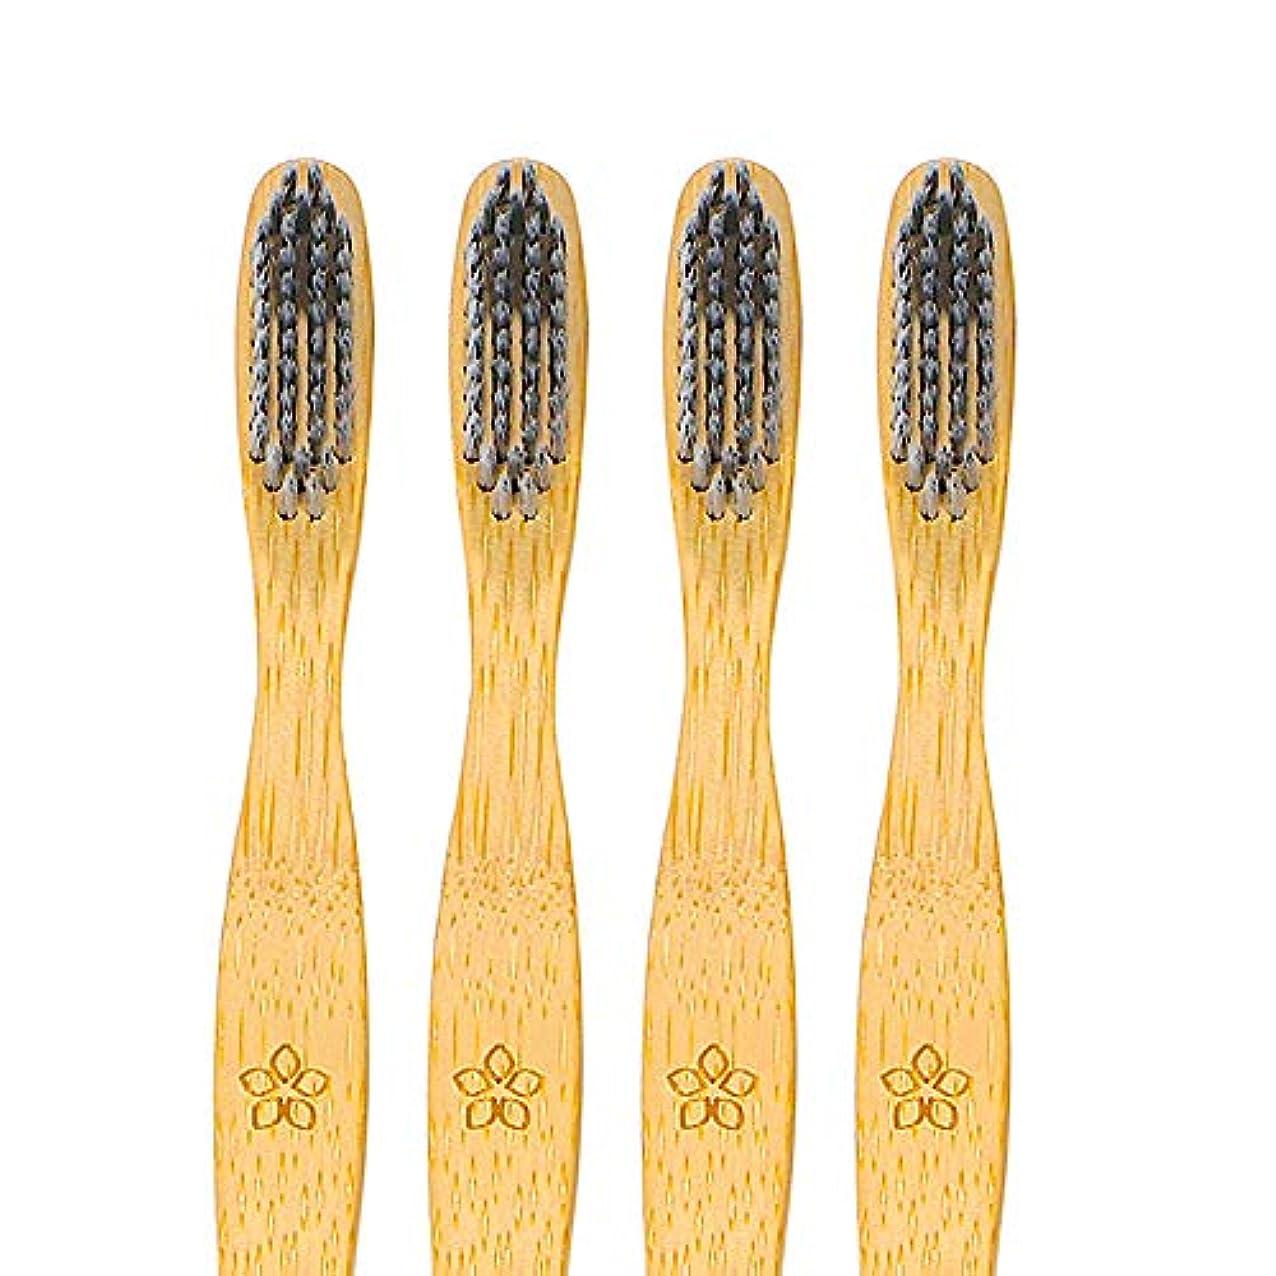 名声微妙弱い竹の歯ブラシ やわらかめ 活性炭入り 極繊細毛 4本セット 100%生分解性  プラスチックフリー